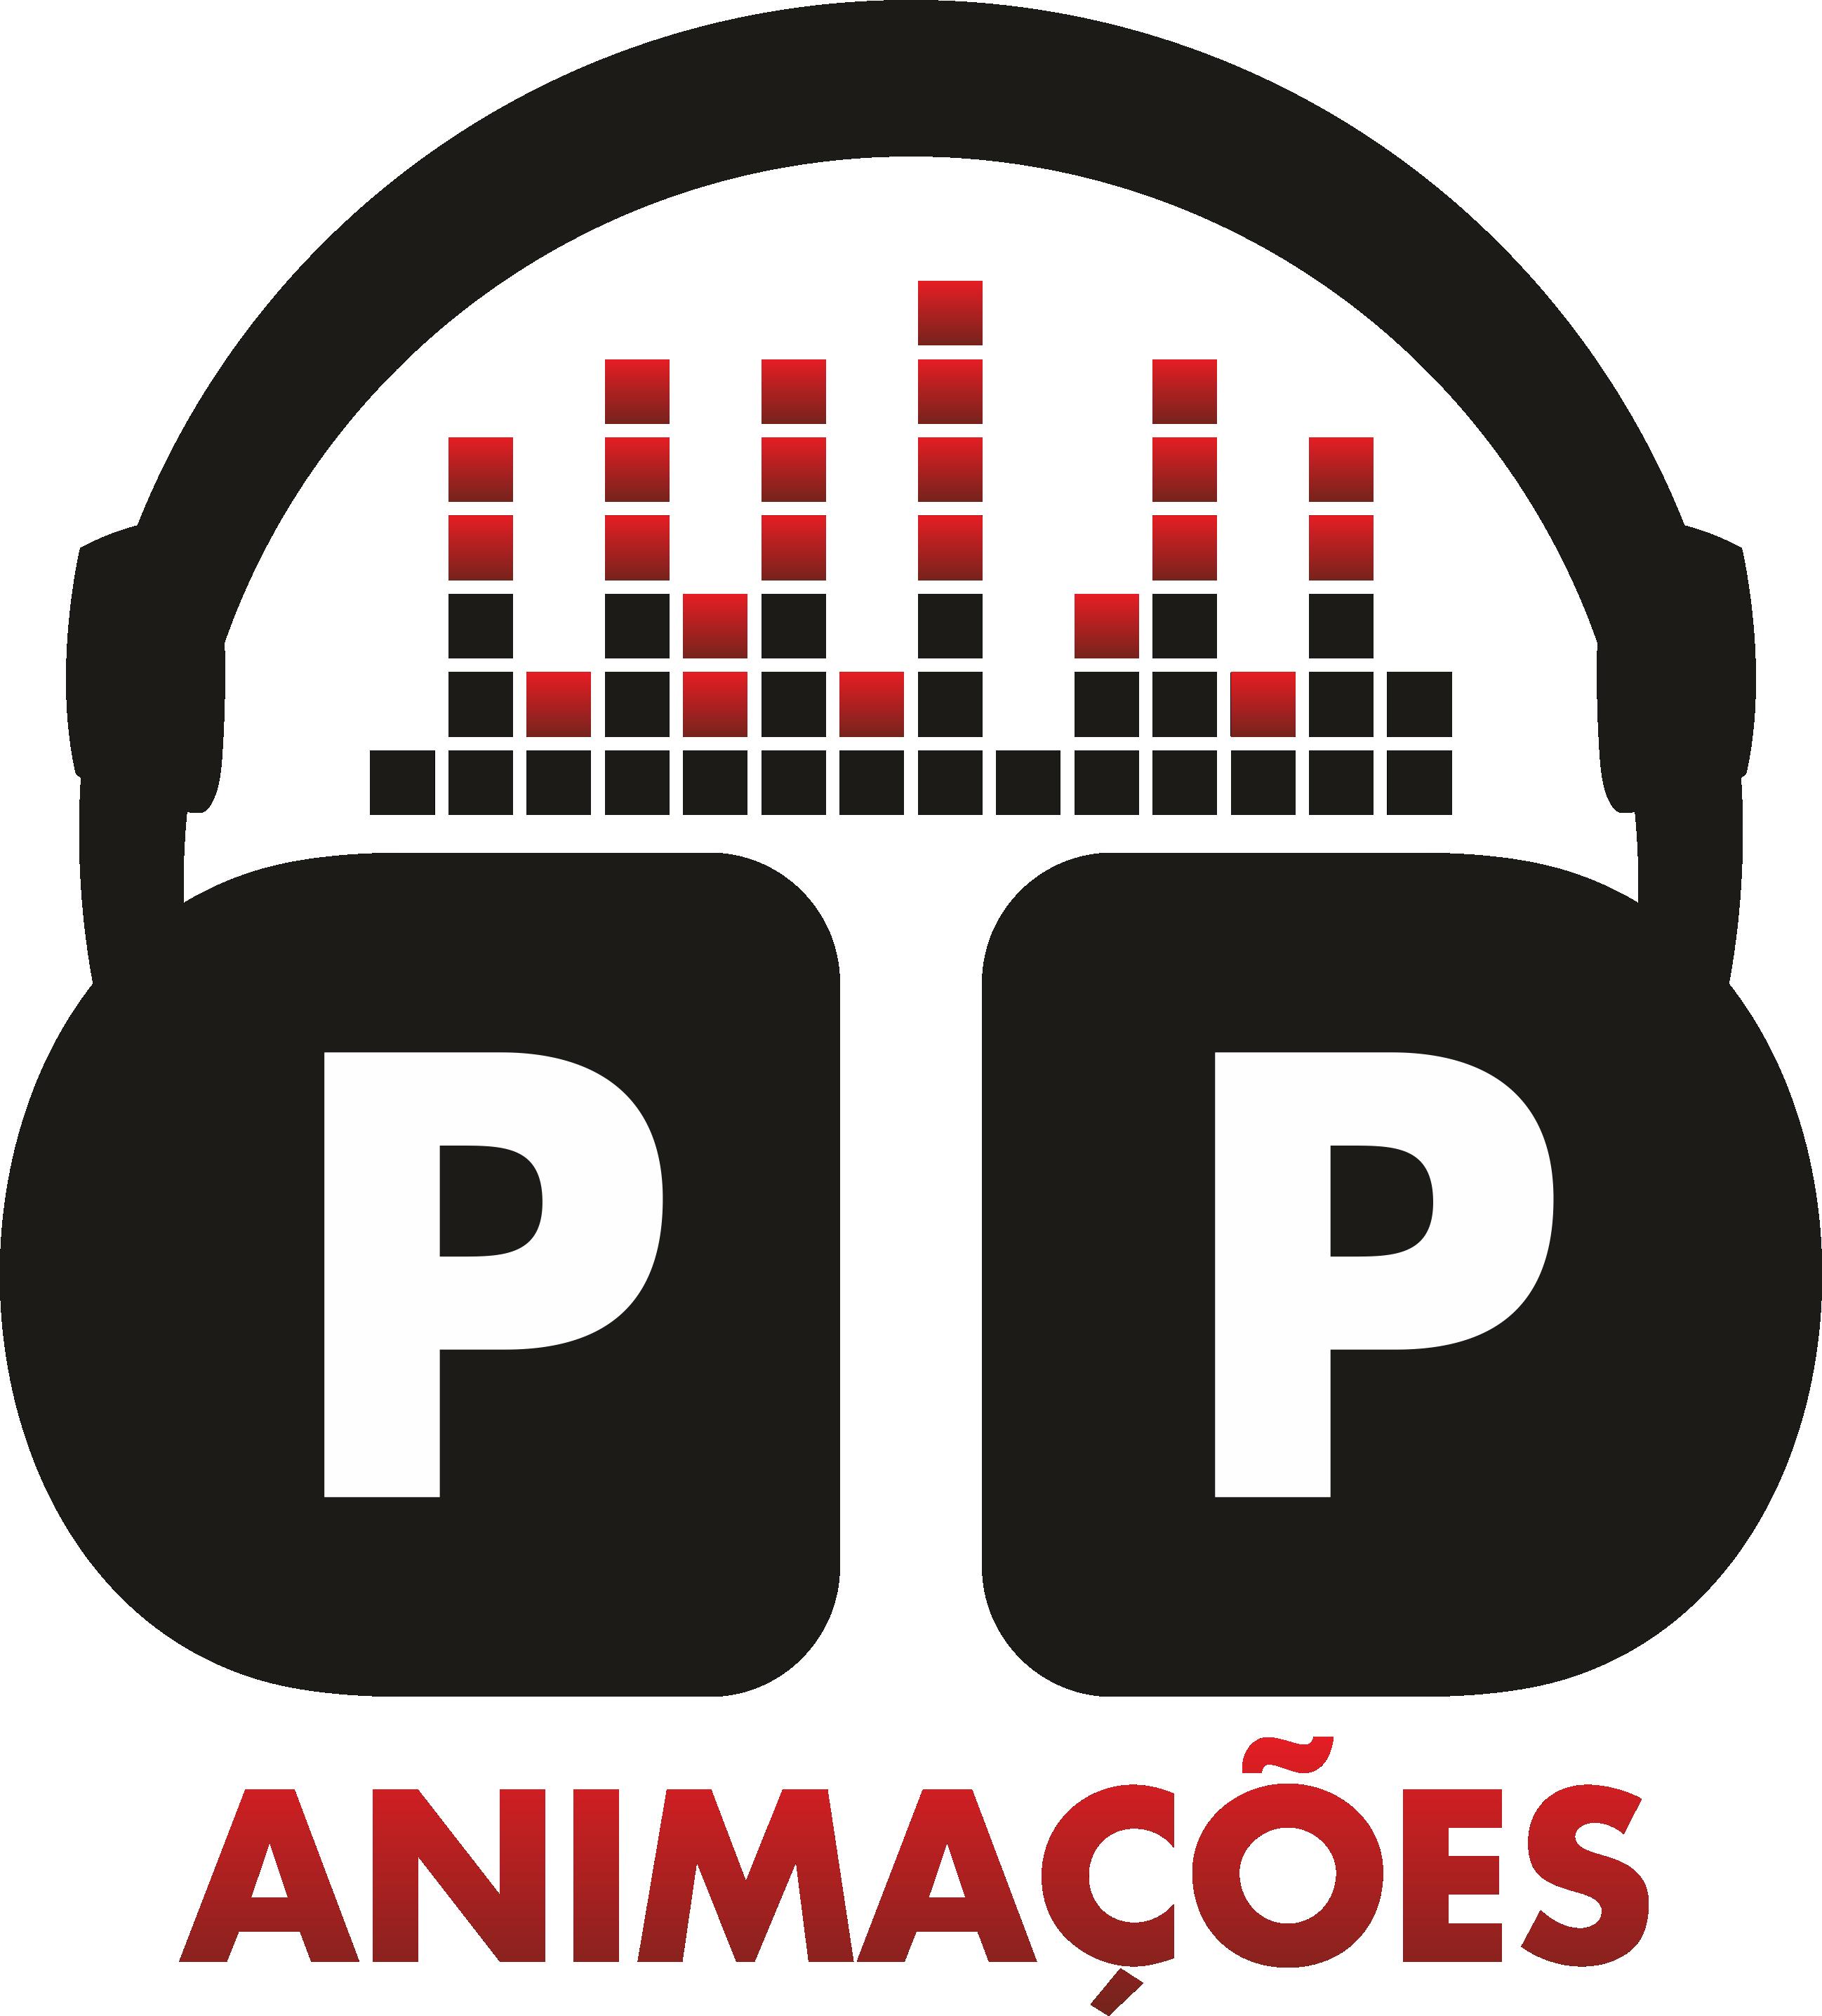 PPanimações - Animação de Eventos e Audiovisuais